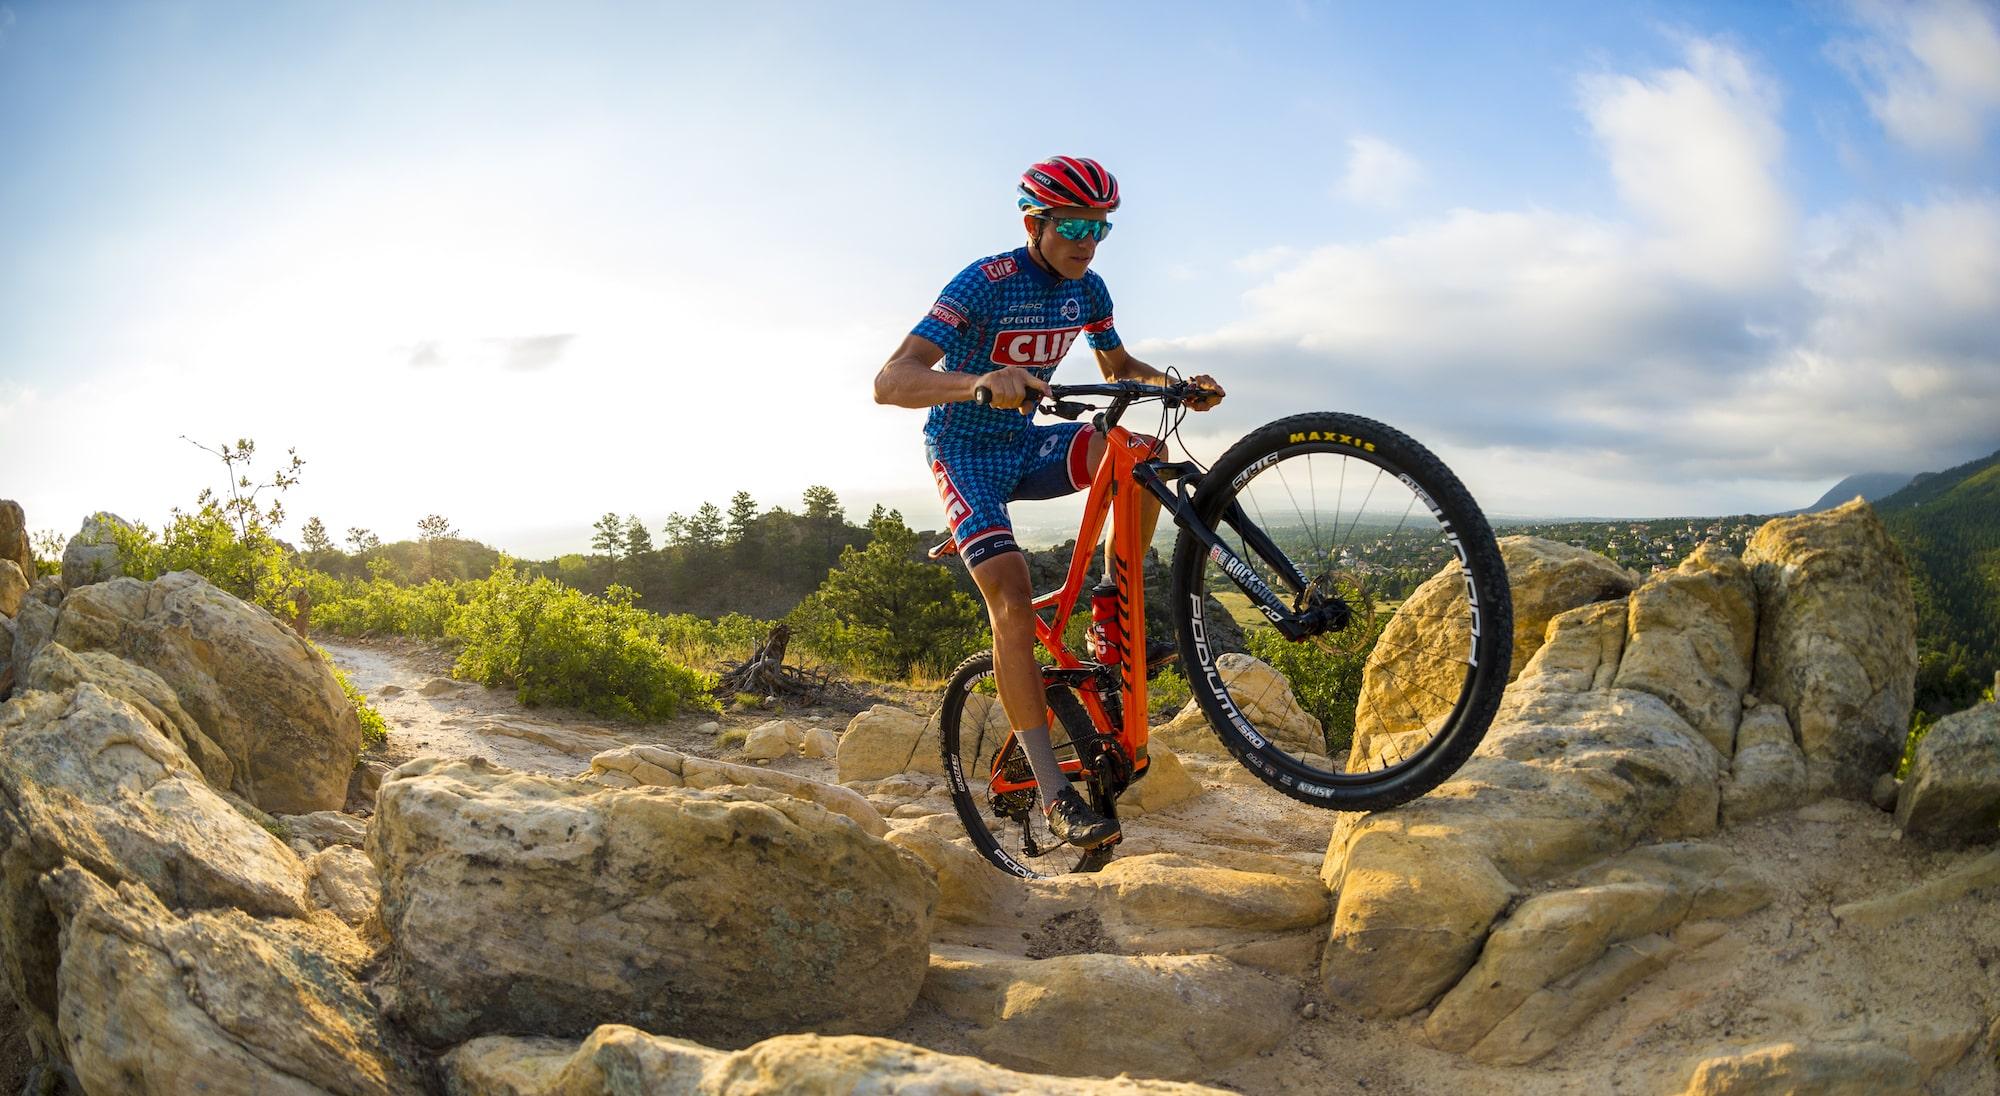 Niner RKT 9 RDO XC Bike